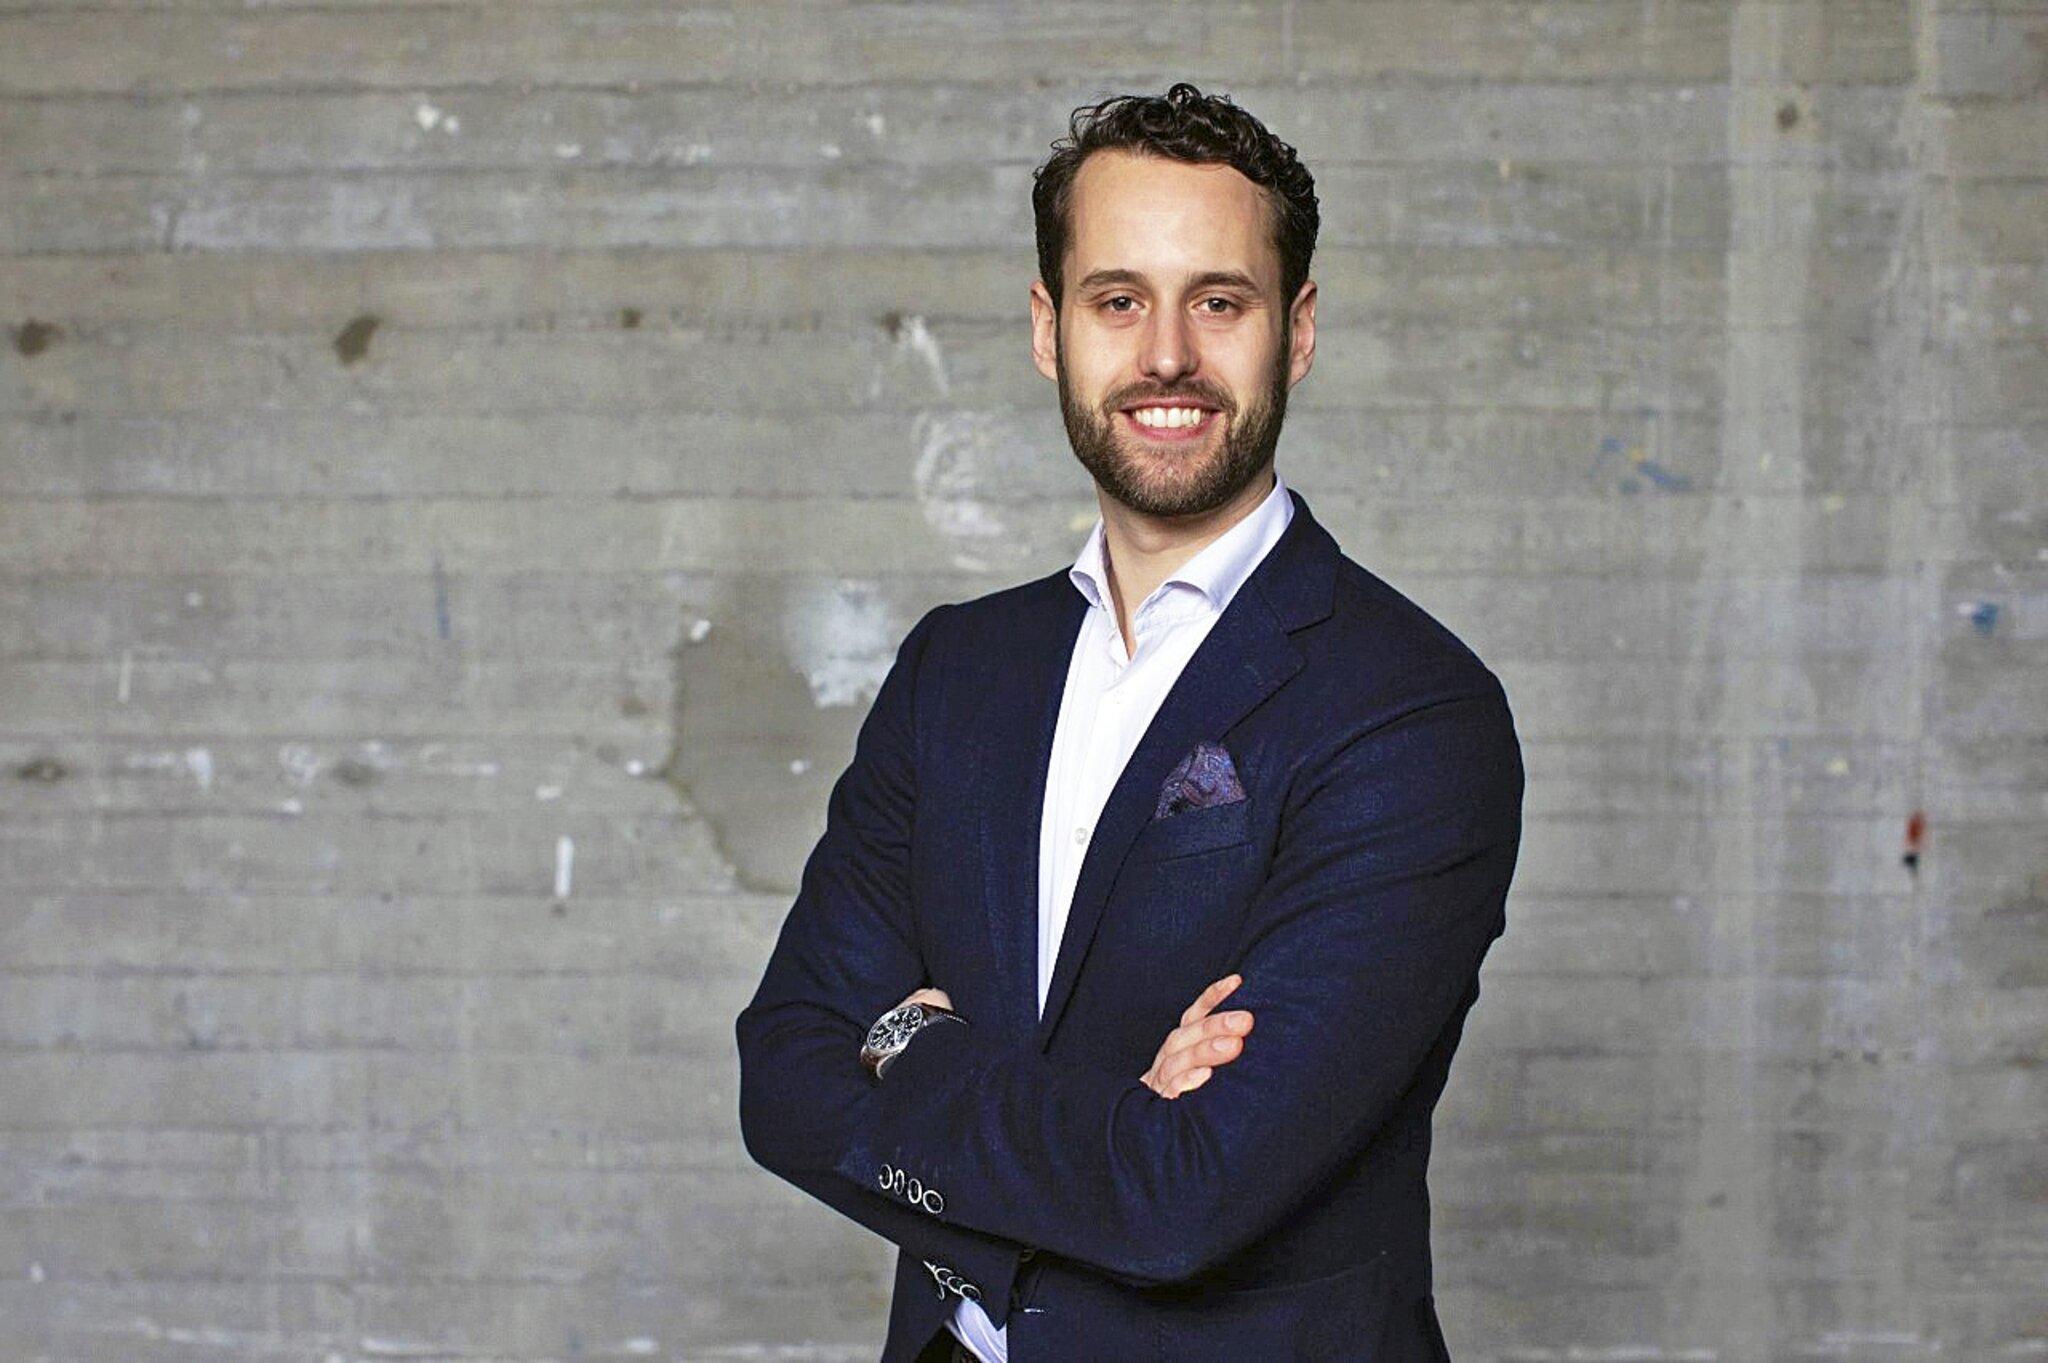 Leidenschaft als Grundstein                                                                  WOCHENBLATT-Interview mit Kaufhaus-Betreiber Fabian Stackmann auch zur Unternehmensnachfolge